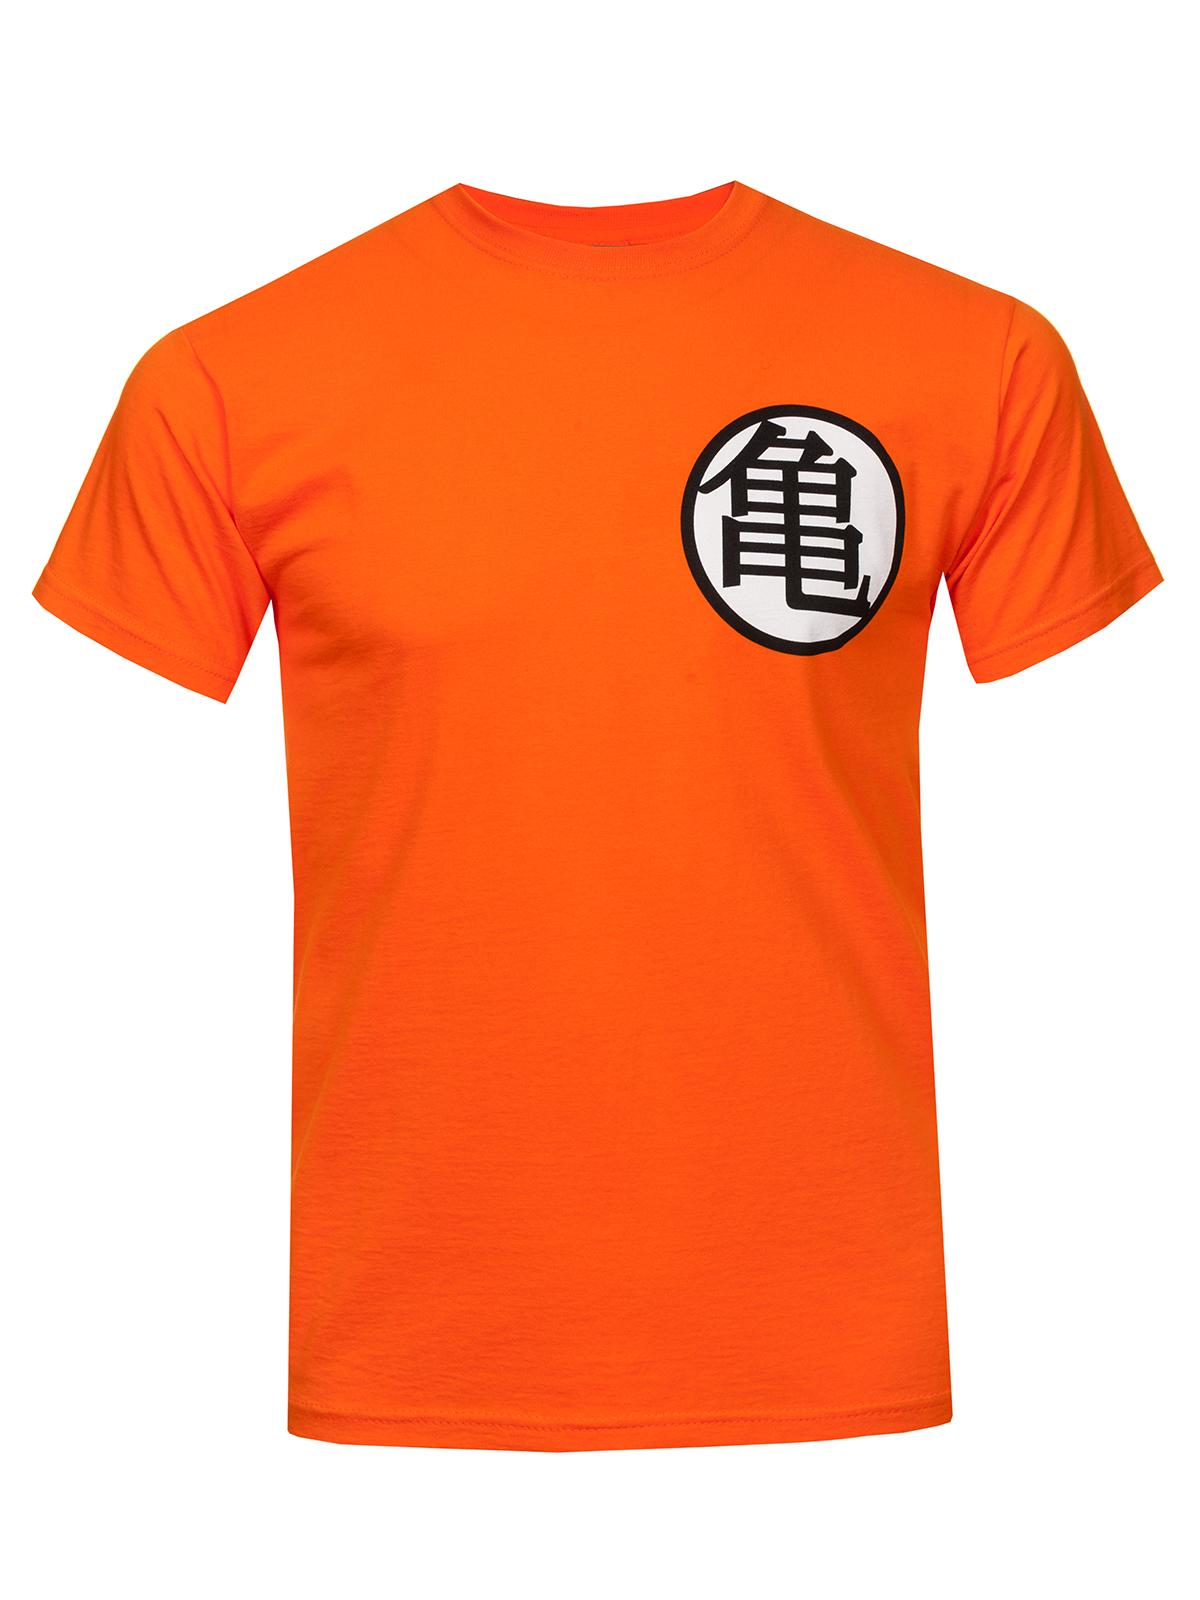 T Shirt Dragon Ball MHIsD8pd8L